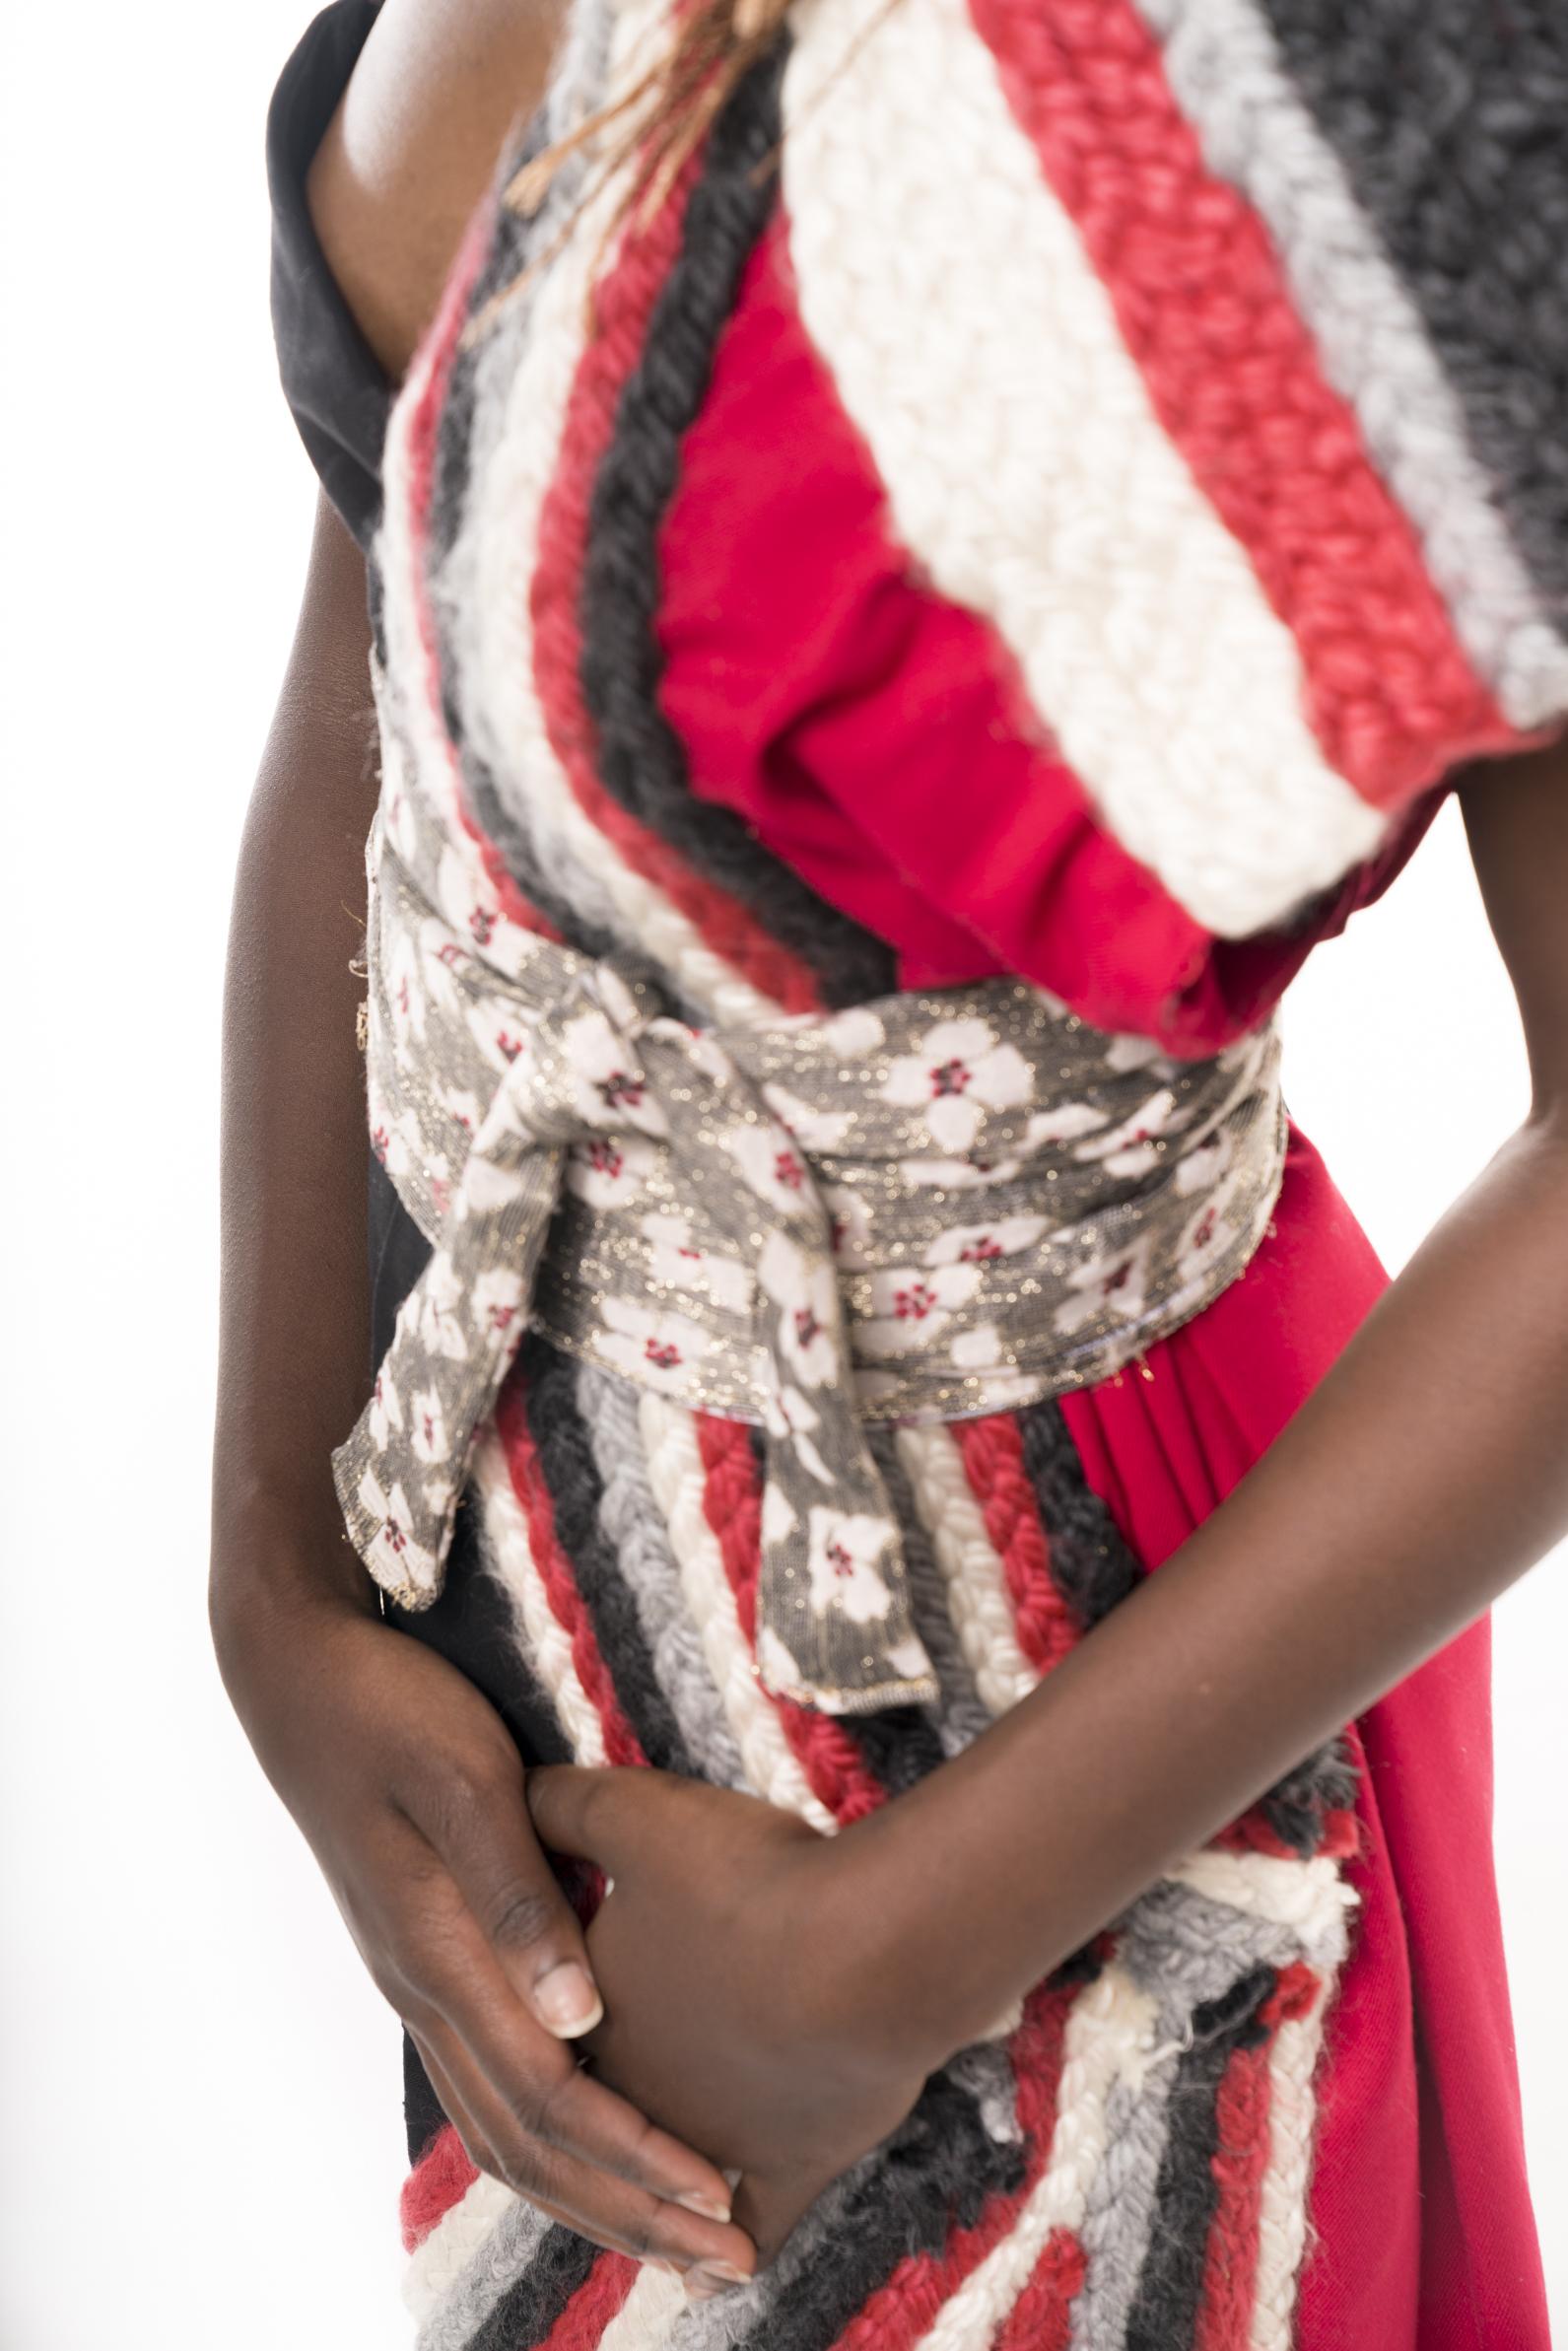 Dubay_Fashion_MinaSmithHodzik_WEB (38 of 89).jpg